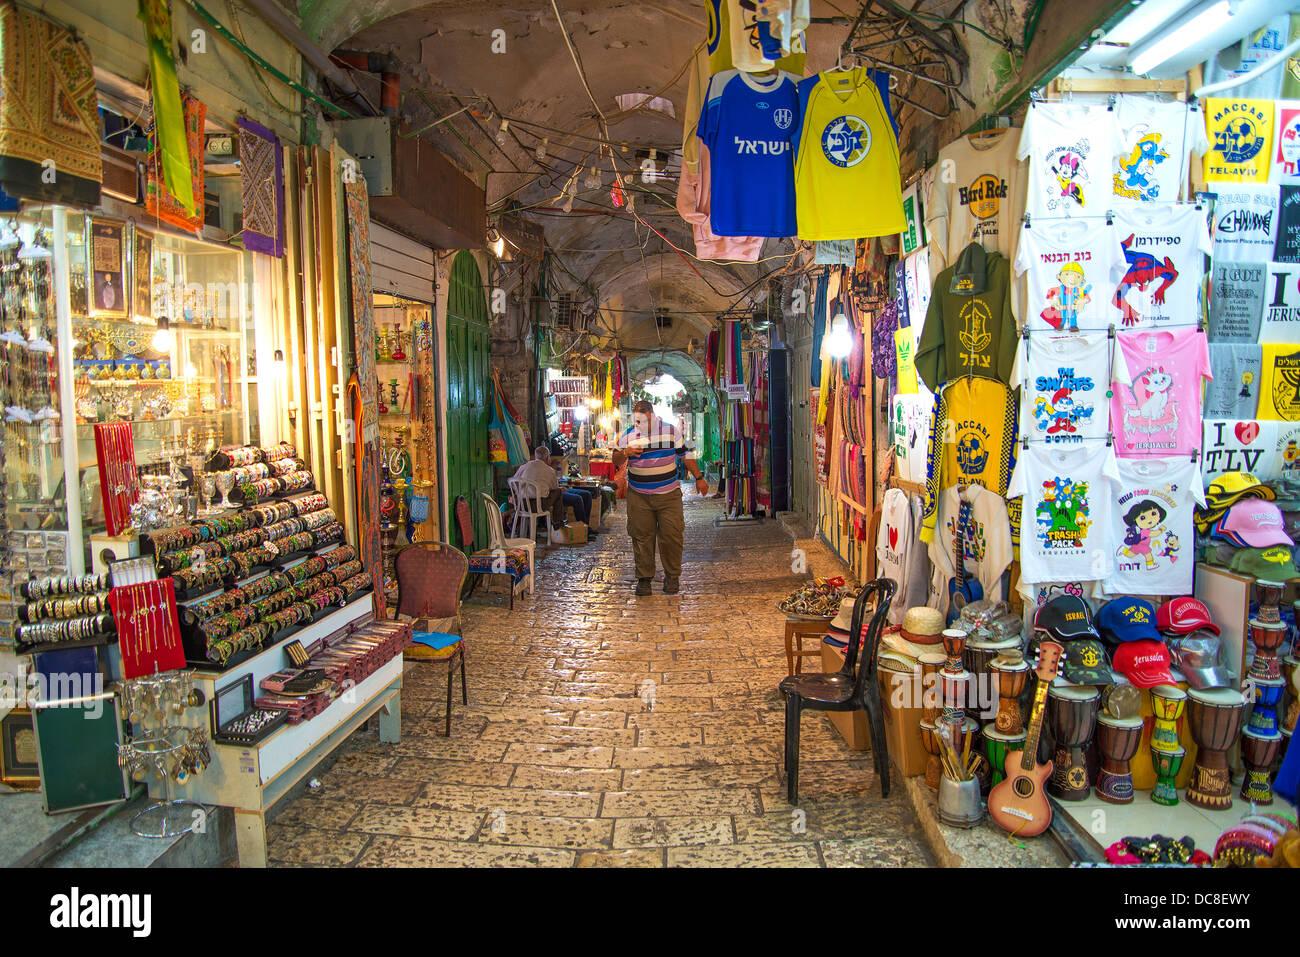 souk market in jerusalem old town israel - Stock Image